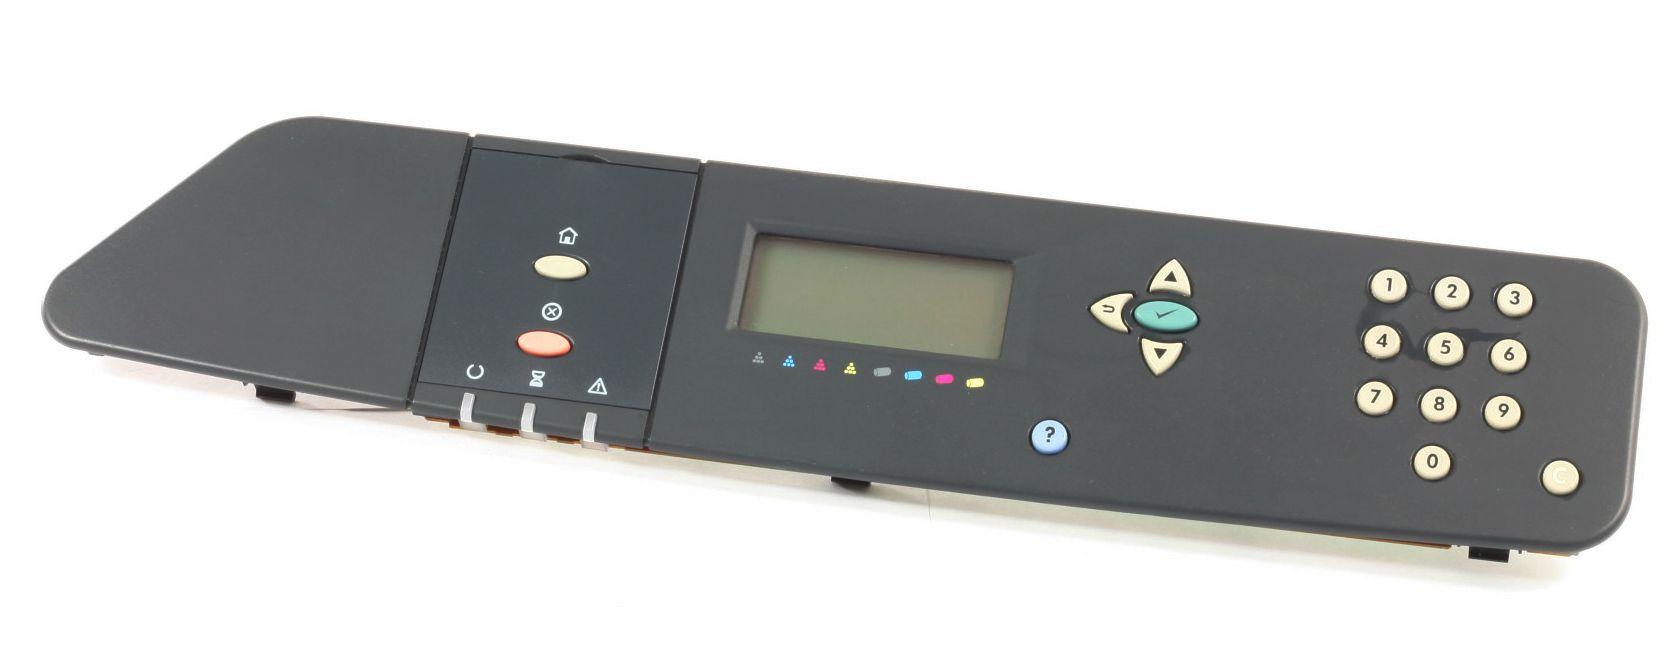 HP Display RM1-4516 Control Panel für CP6015dn CP6015n CP6015xh gebraucht